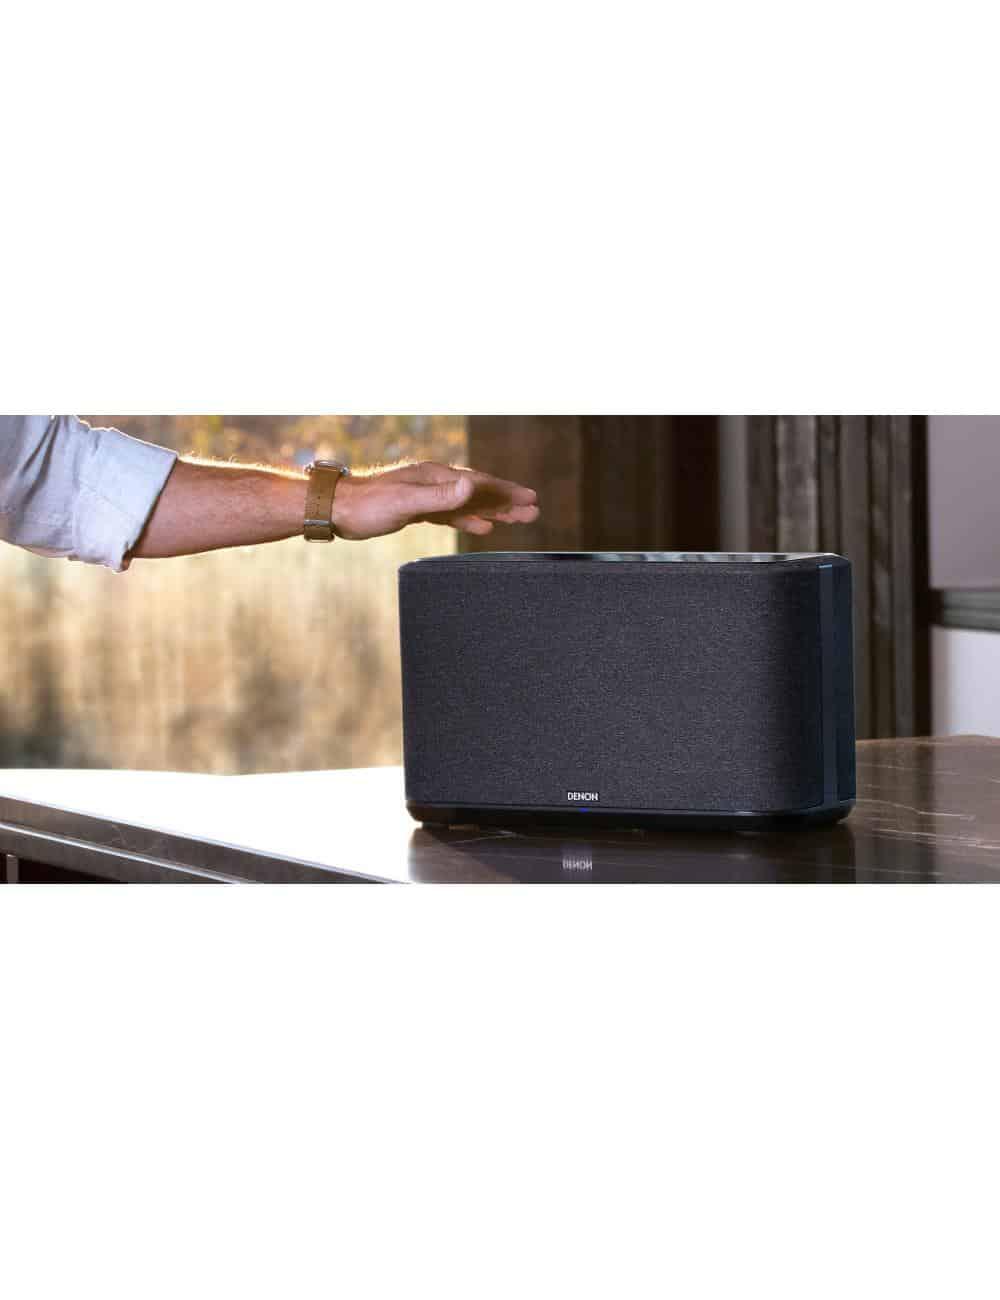 altoparlante wireless supercompatto, Denon Home 250, heos multiroom, bluetooth, finitura tessuto nero, in ambiente